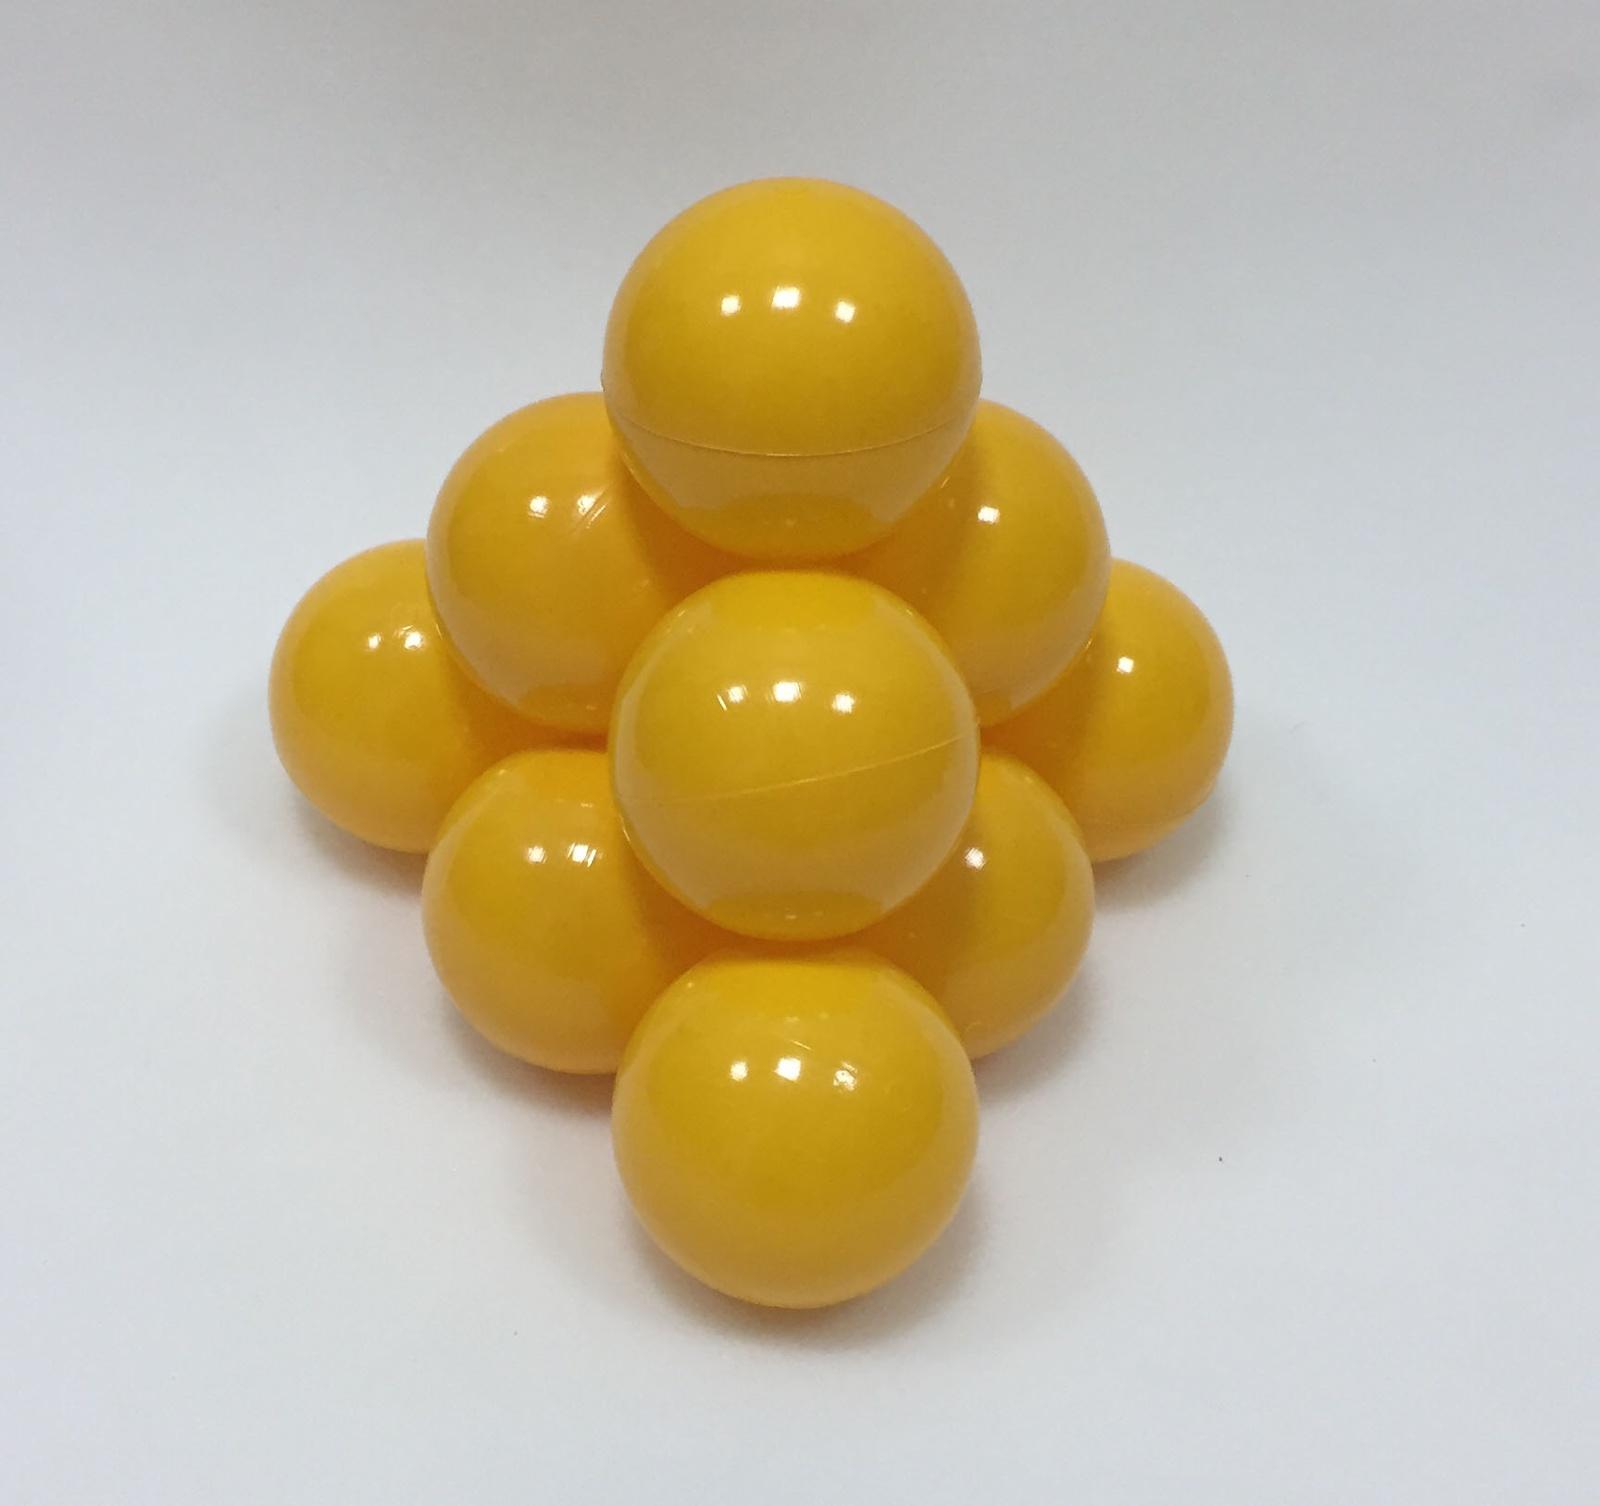 Фото - Набор шариков для игрового бассейна Hotenok, цвет: желтый, диаметр 7 см, 50 шт набор шаров шишки цвет золотой 7 см 3 шт